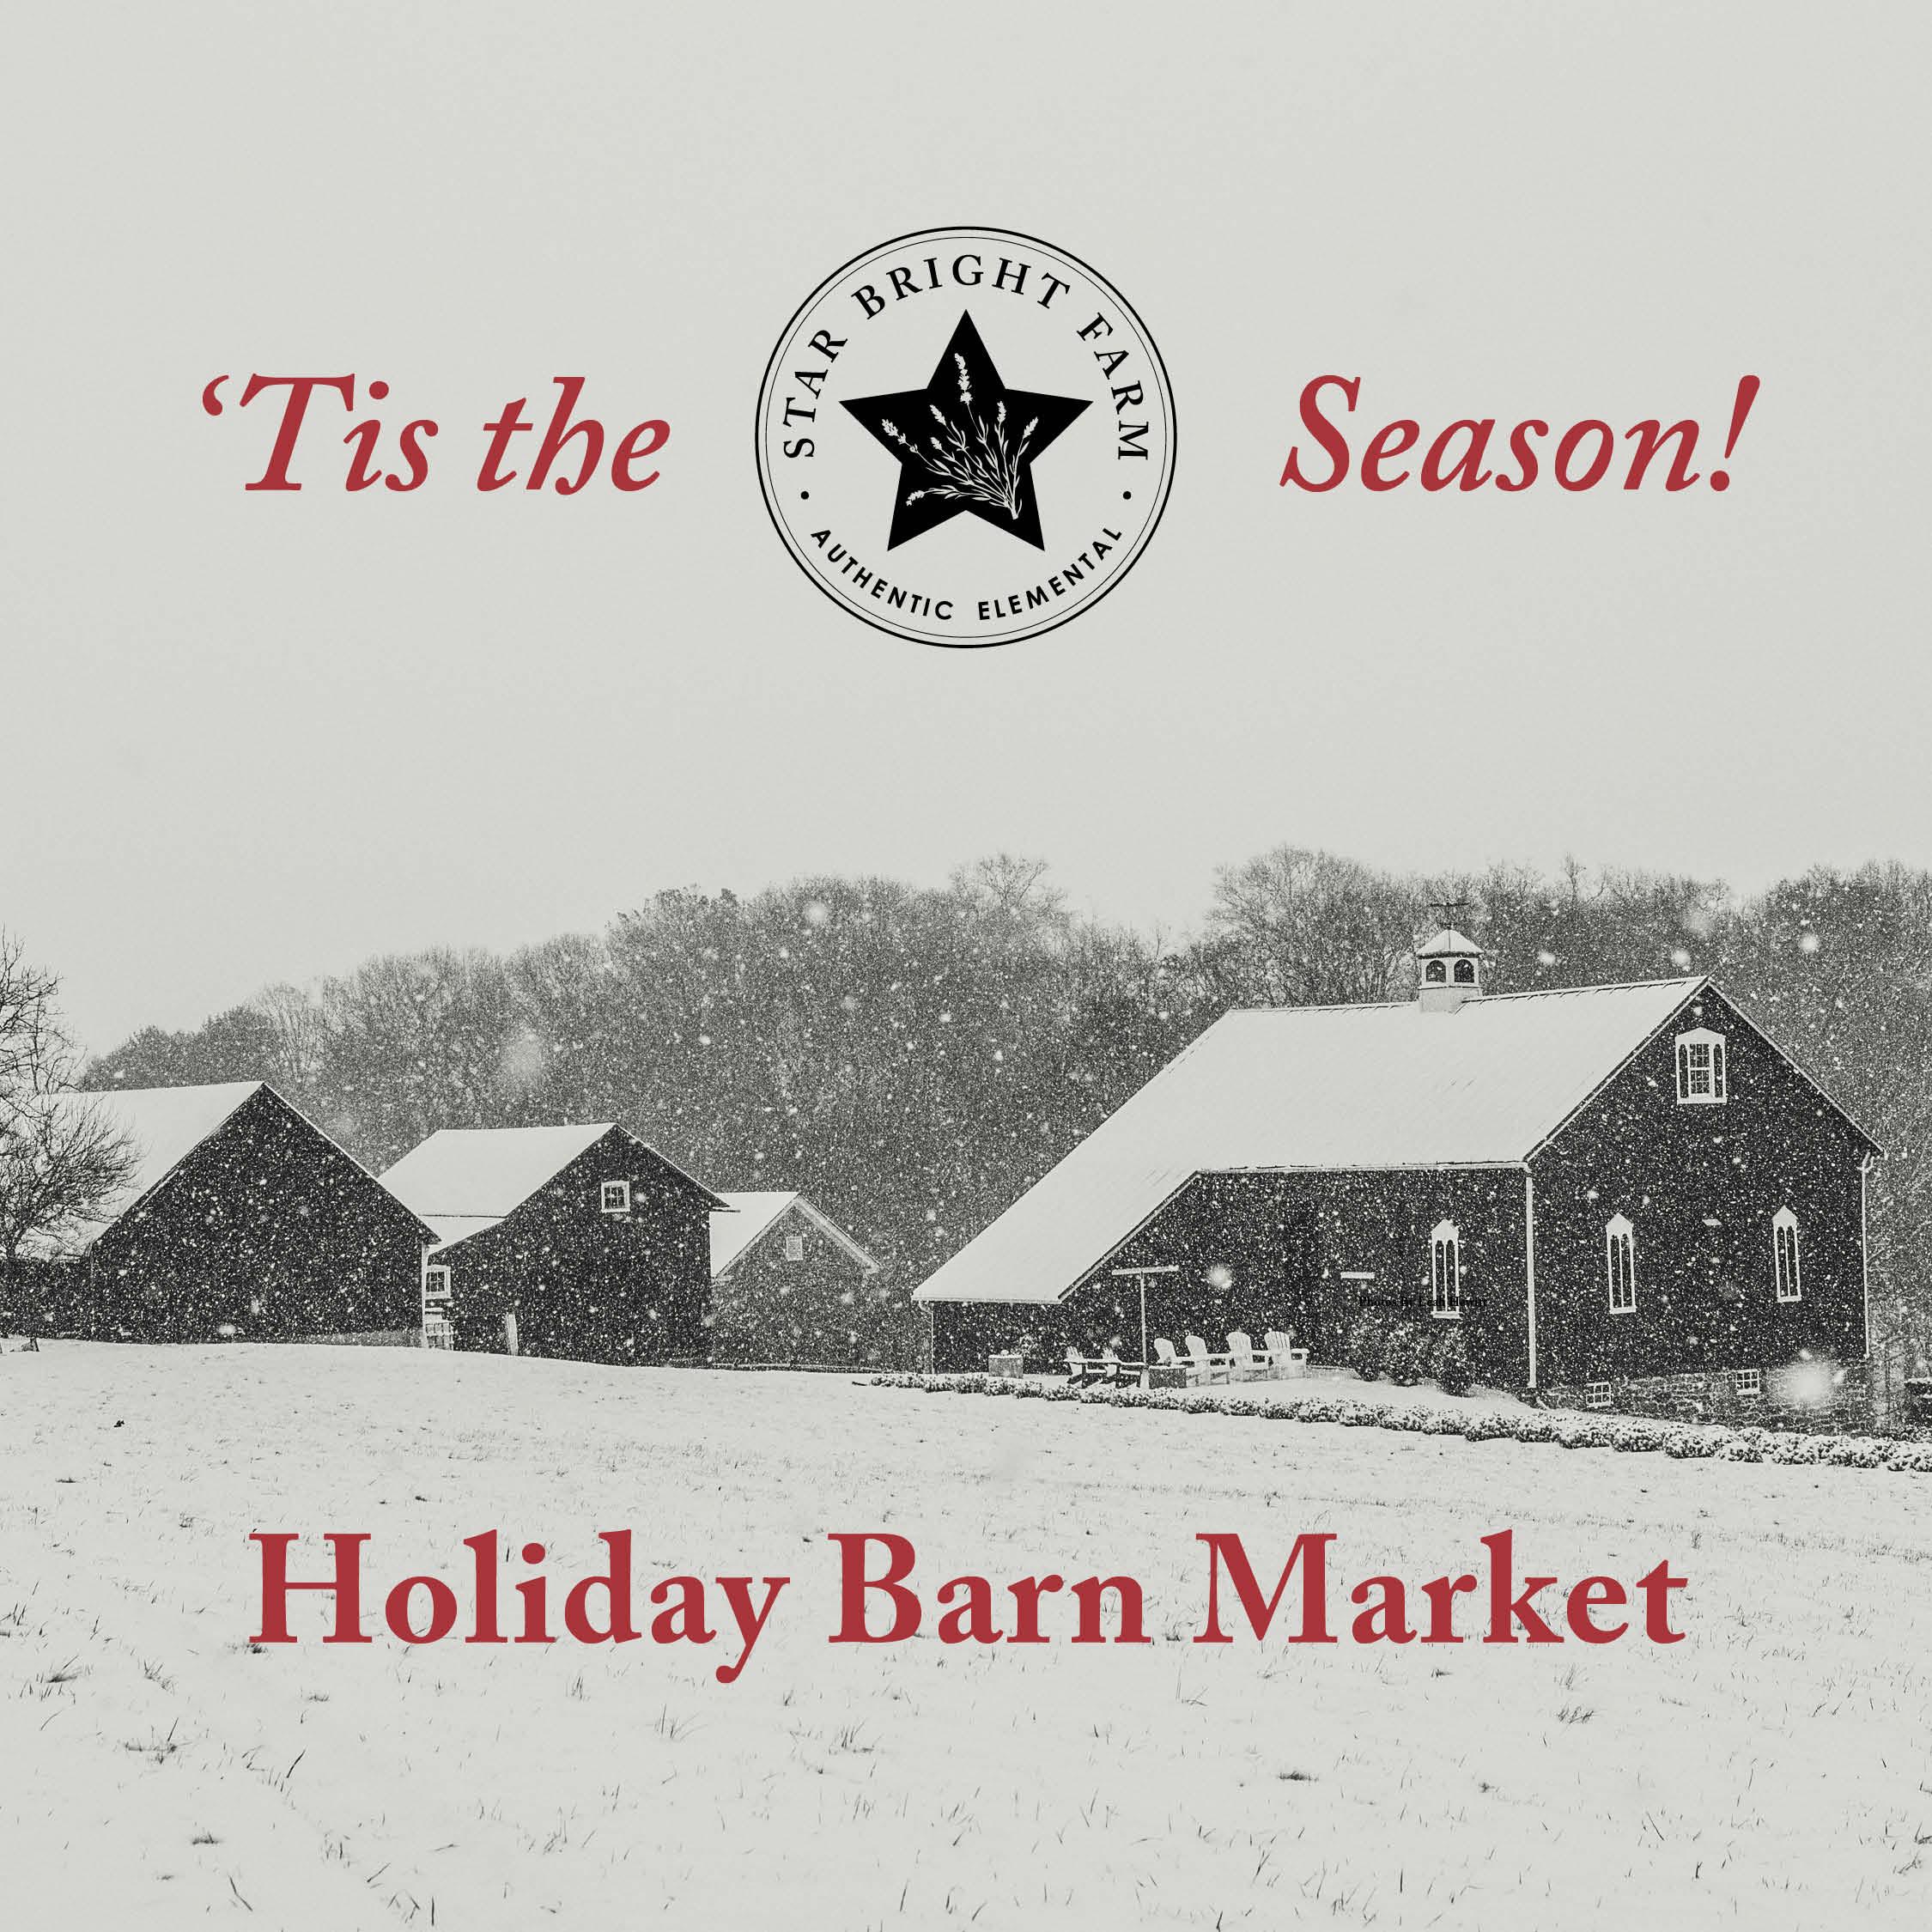 Holiday_Barn_Market_Flyer.jpg